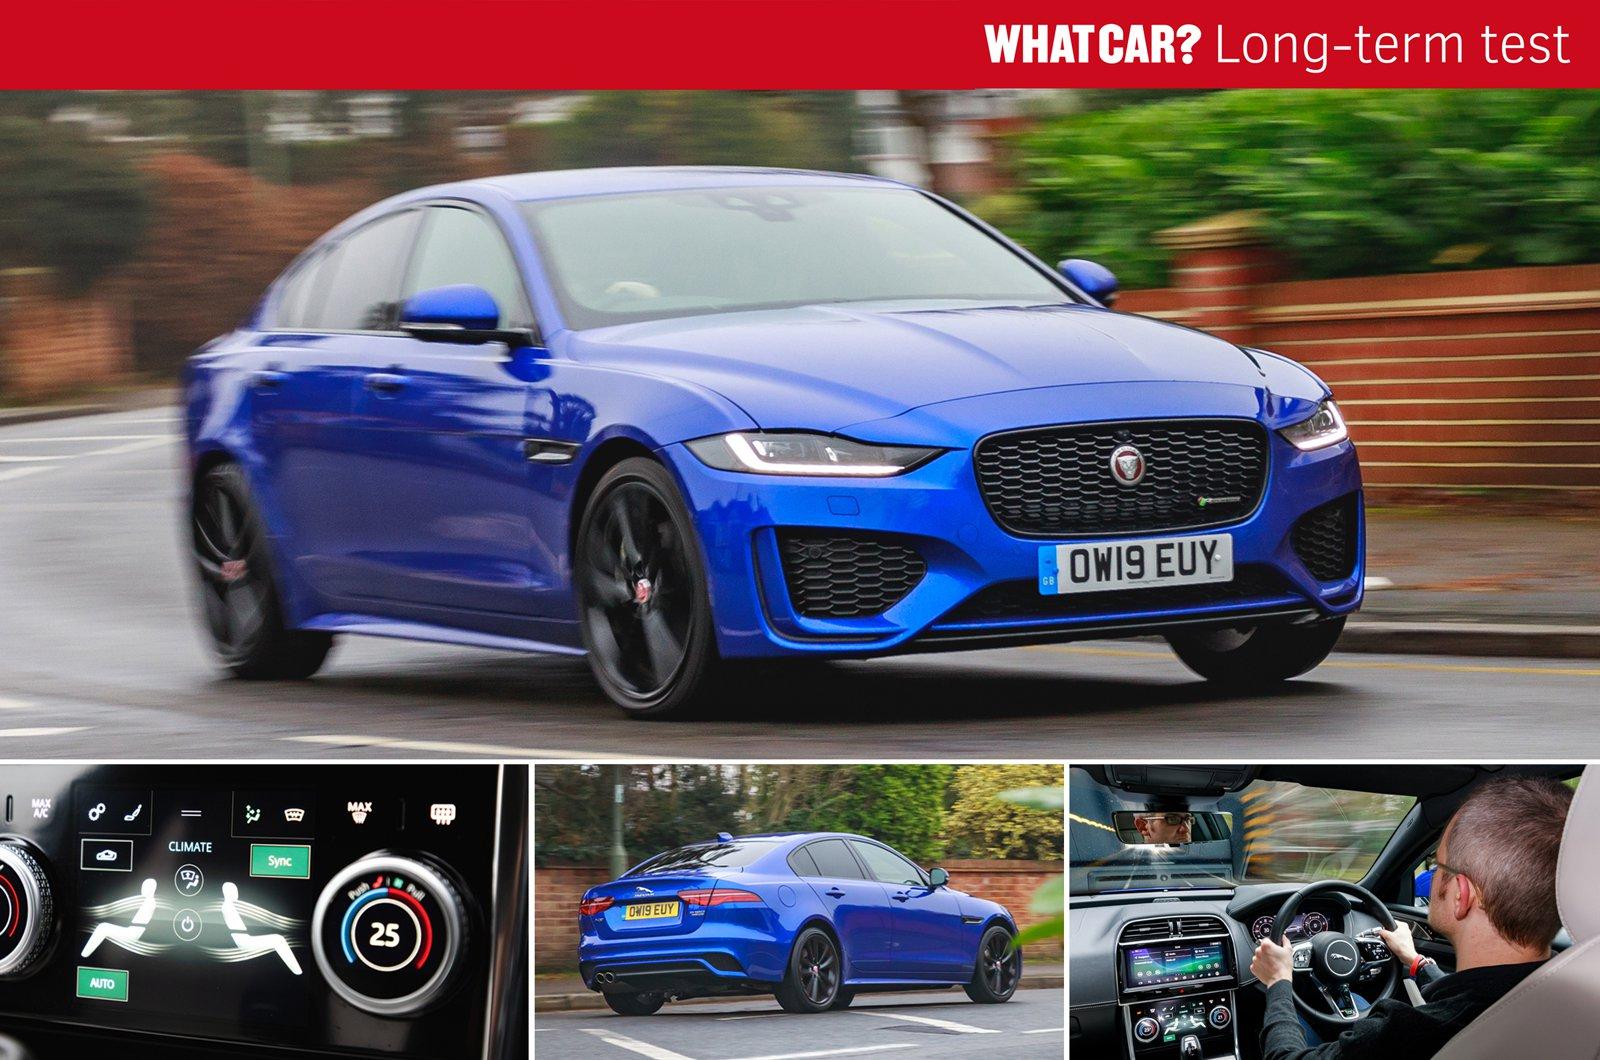 LT Jaguar XE compilation